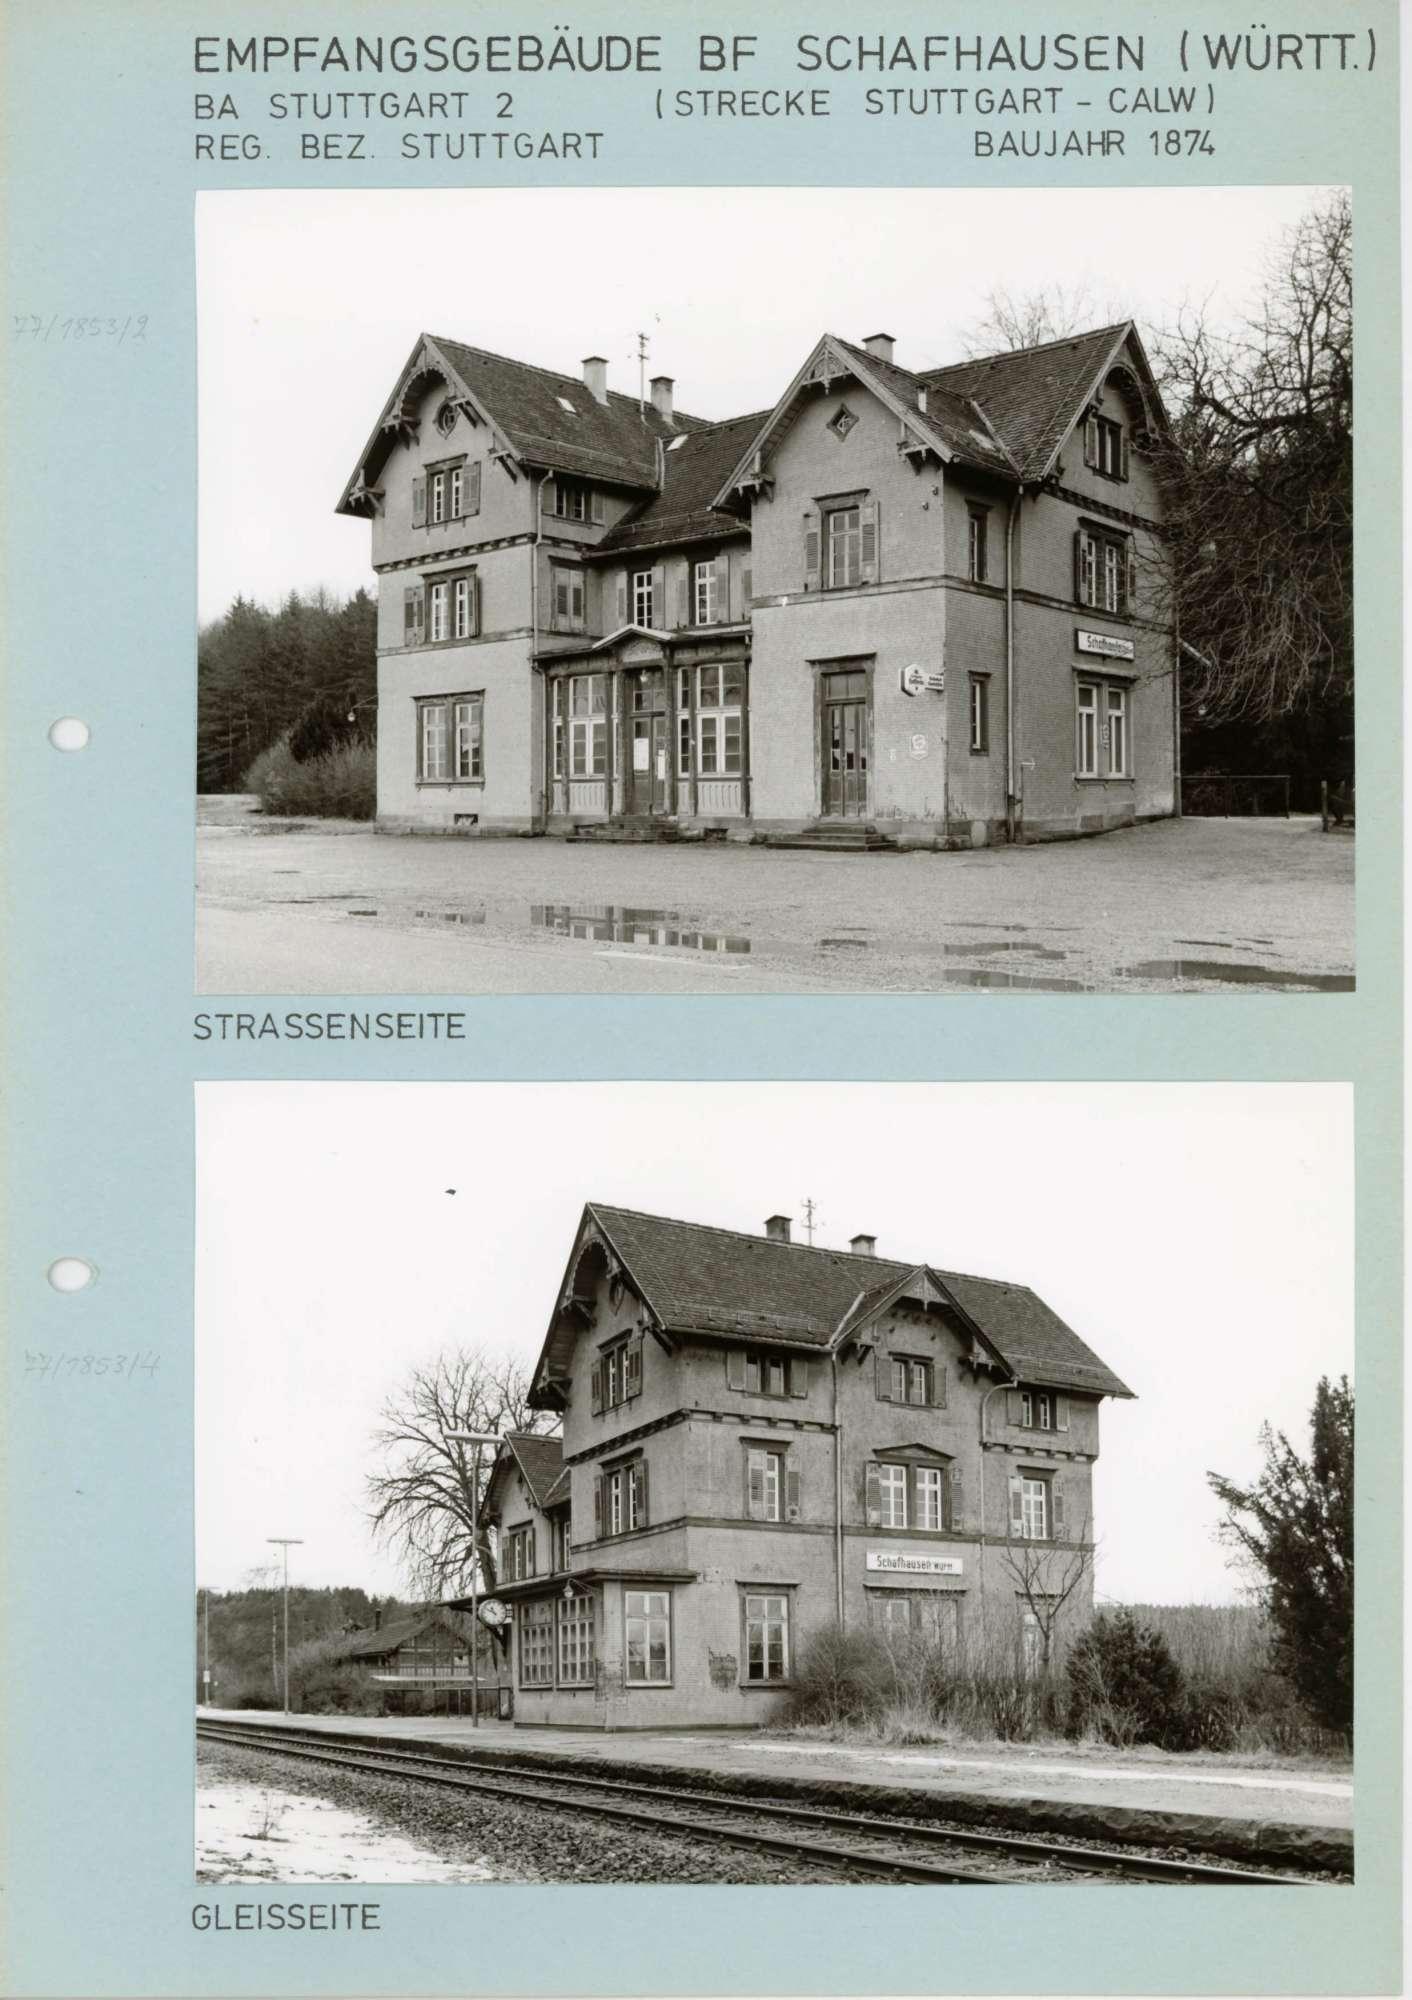 Schafhausen: 4 Fotos, Bild 2